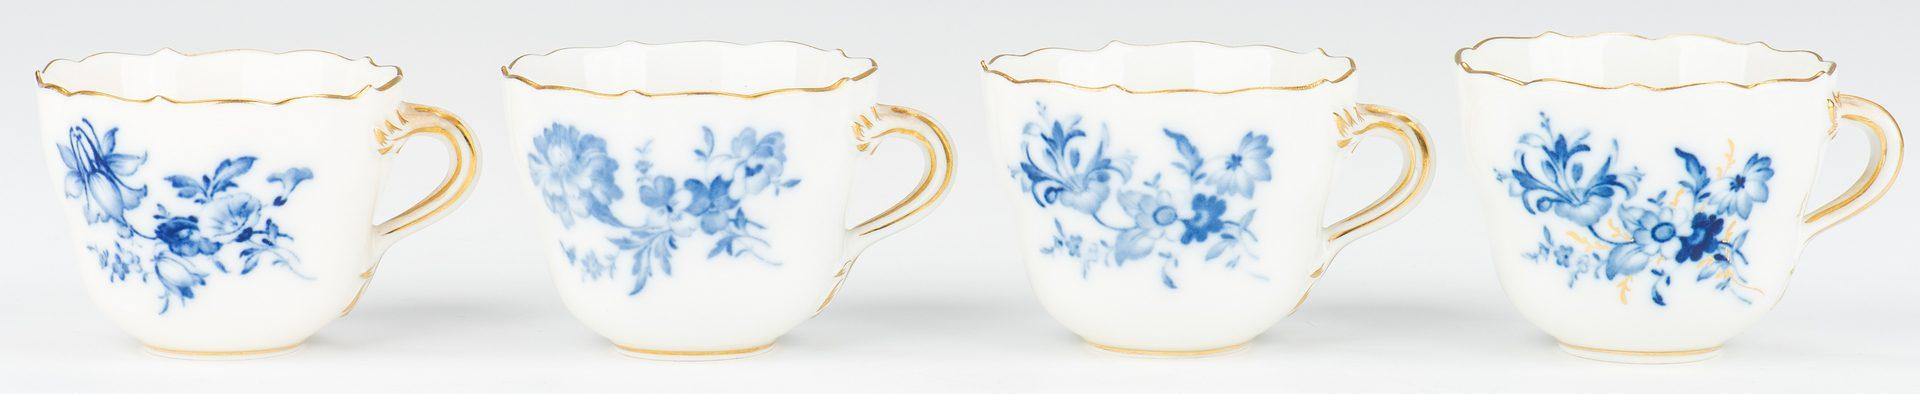 Lot 356: Set of Meissen Porcelain, 20th c.